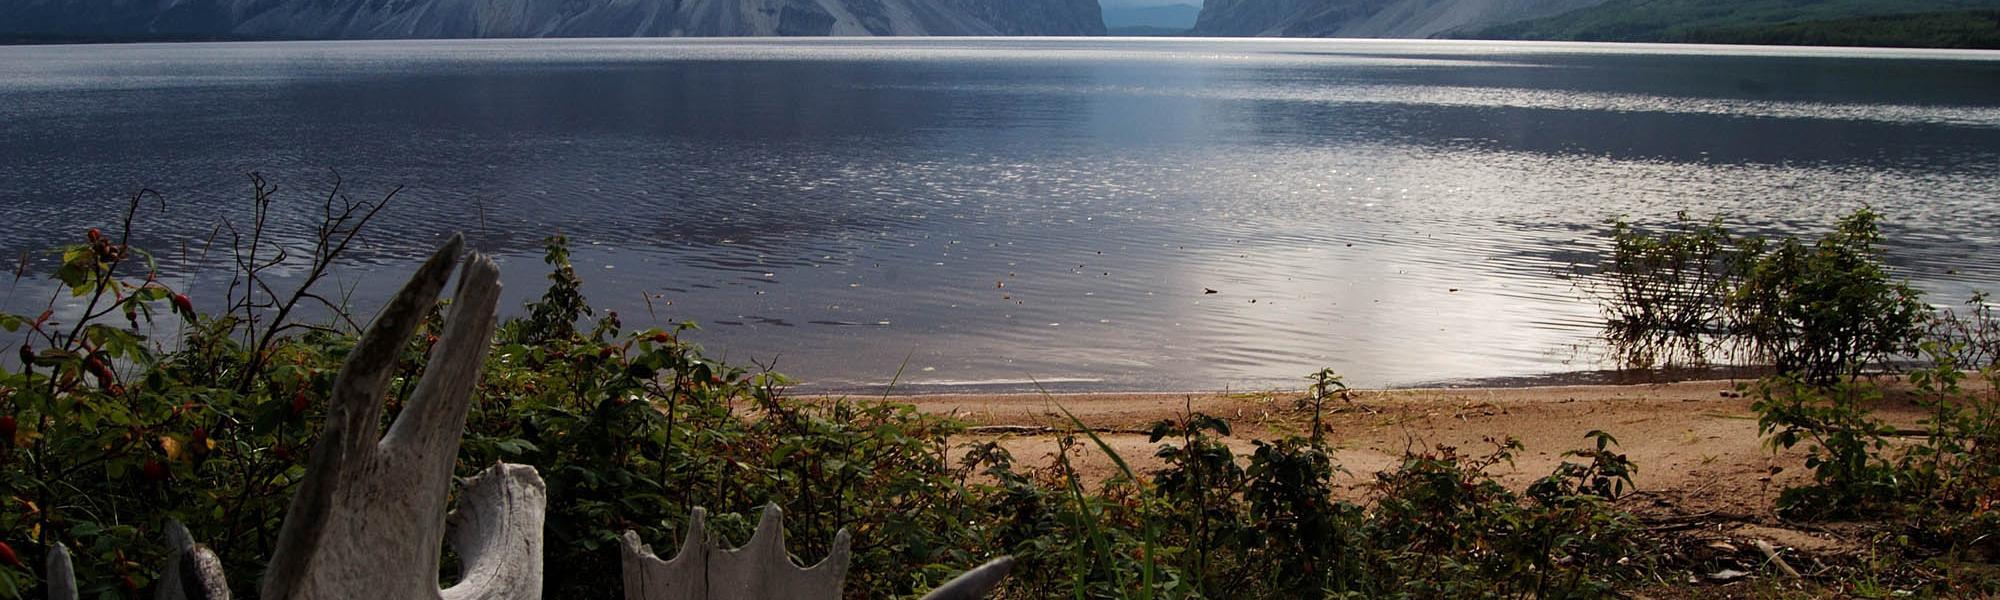 Little Doctor Lake, Dehcho Region